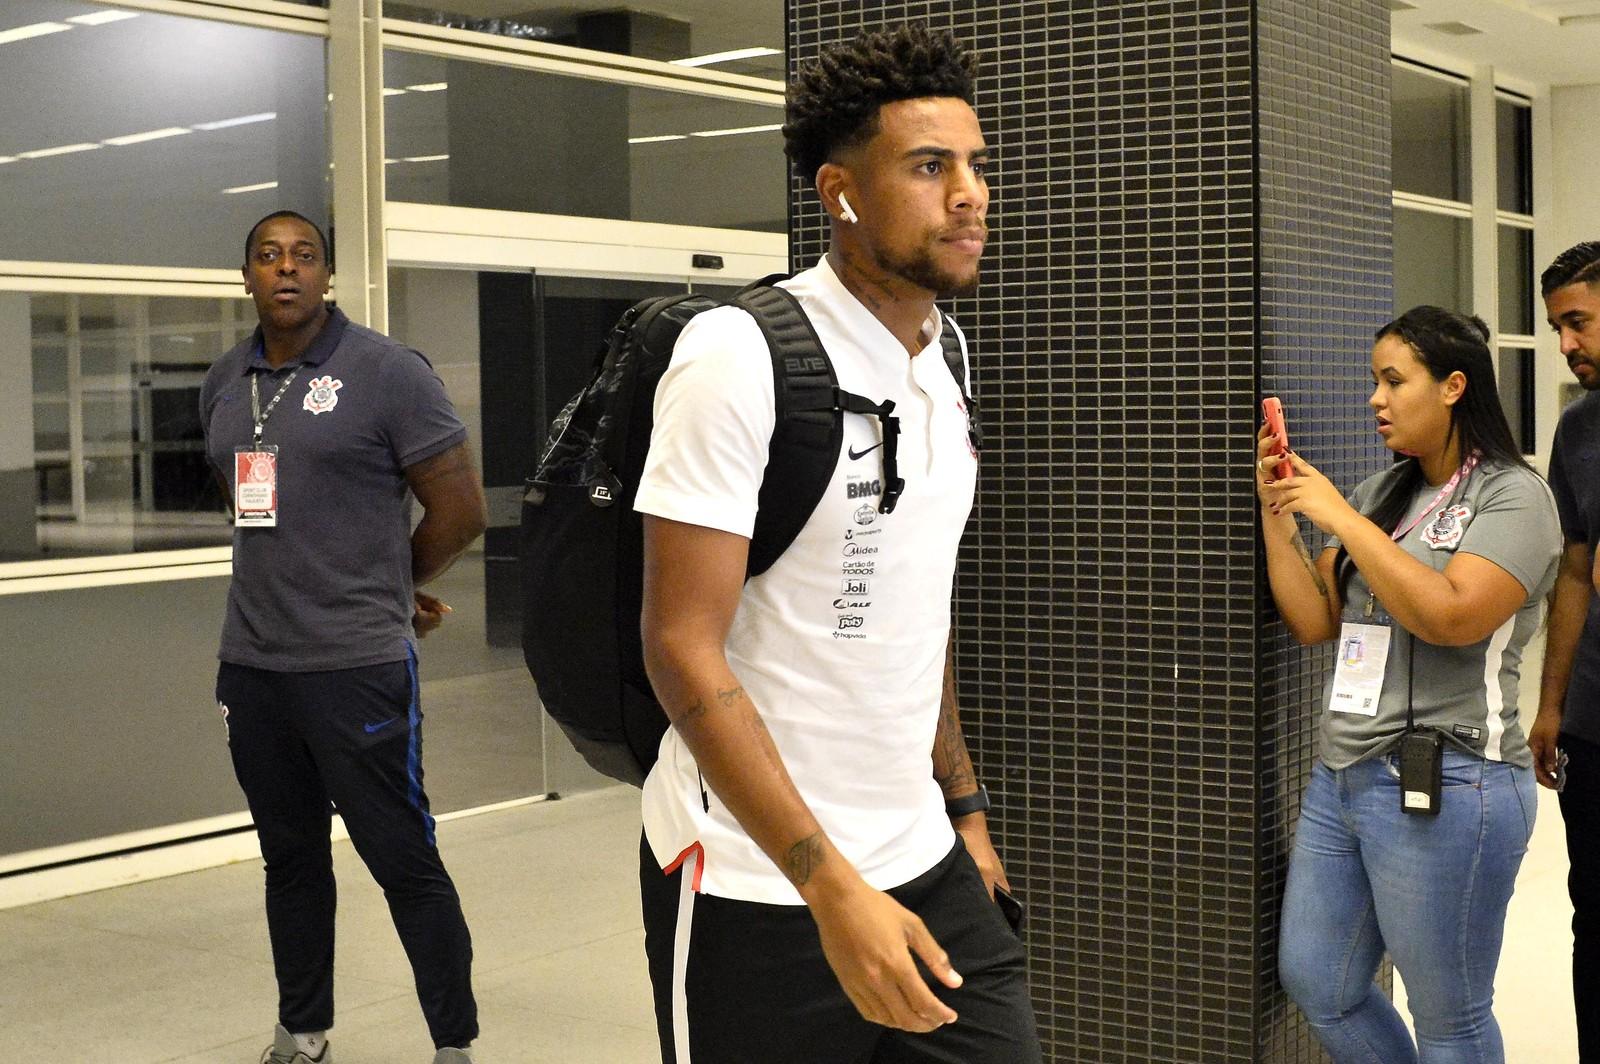 Técnico e diretor do Corinthians confirmam e explicam saída de Gustagol para o Internacional